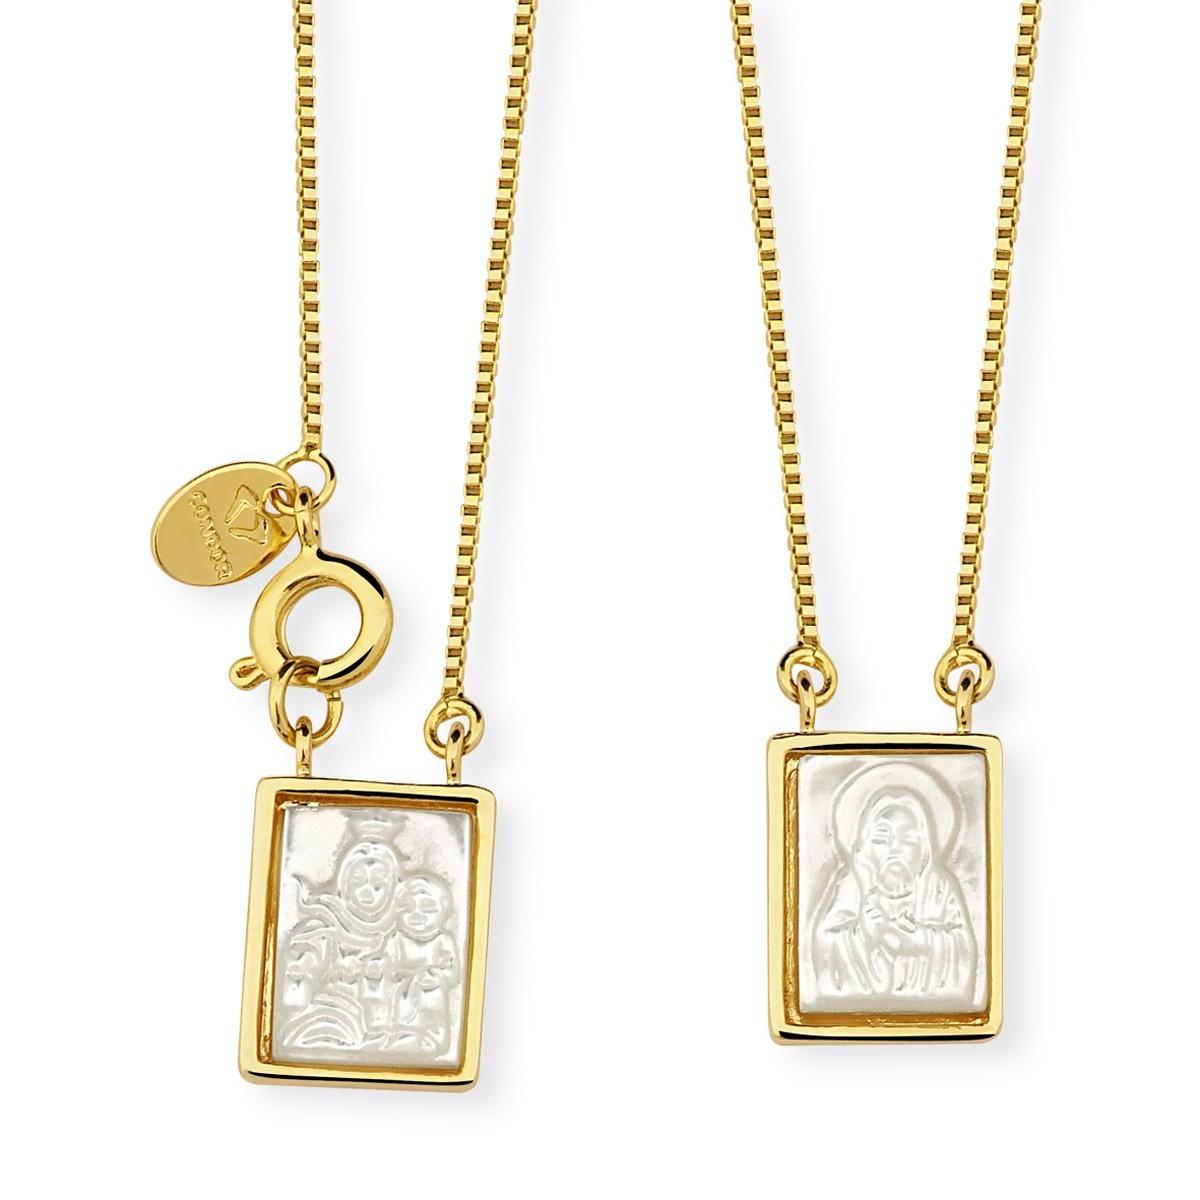 Escapuláriode madrepérola quadrado banhado a ouro 18k feminino